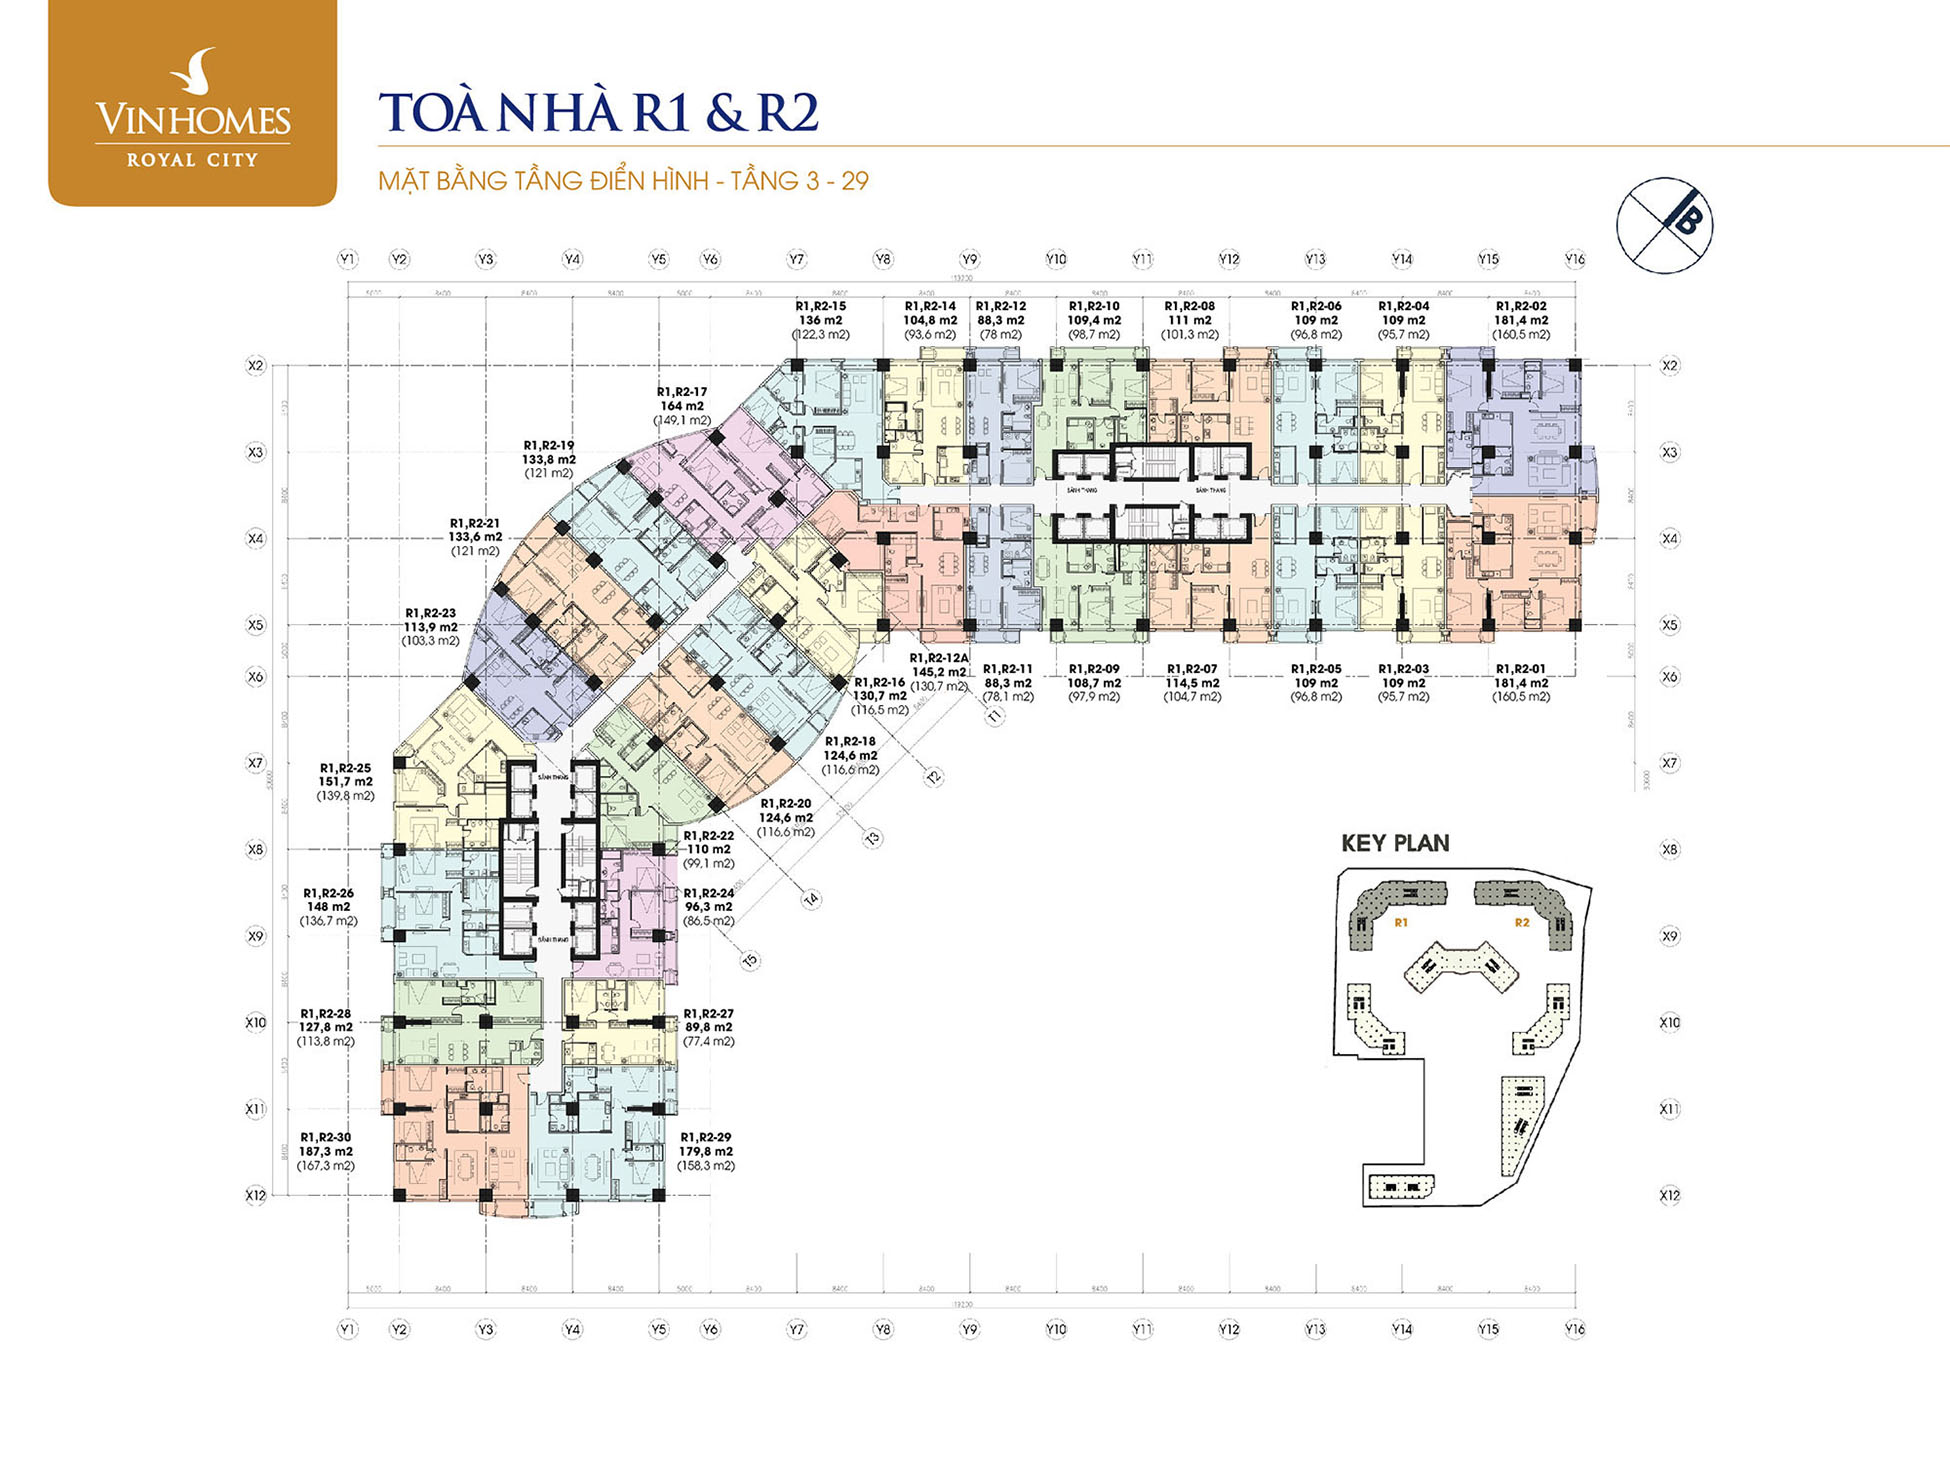 mat-bang-tang-3-29-toa-r1-r2-royal-city